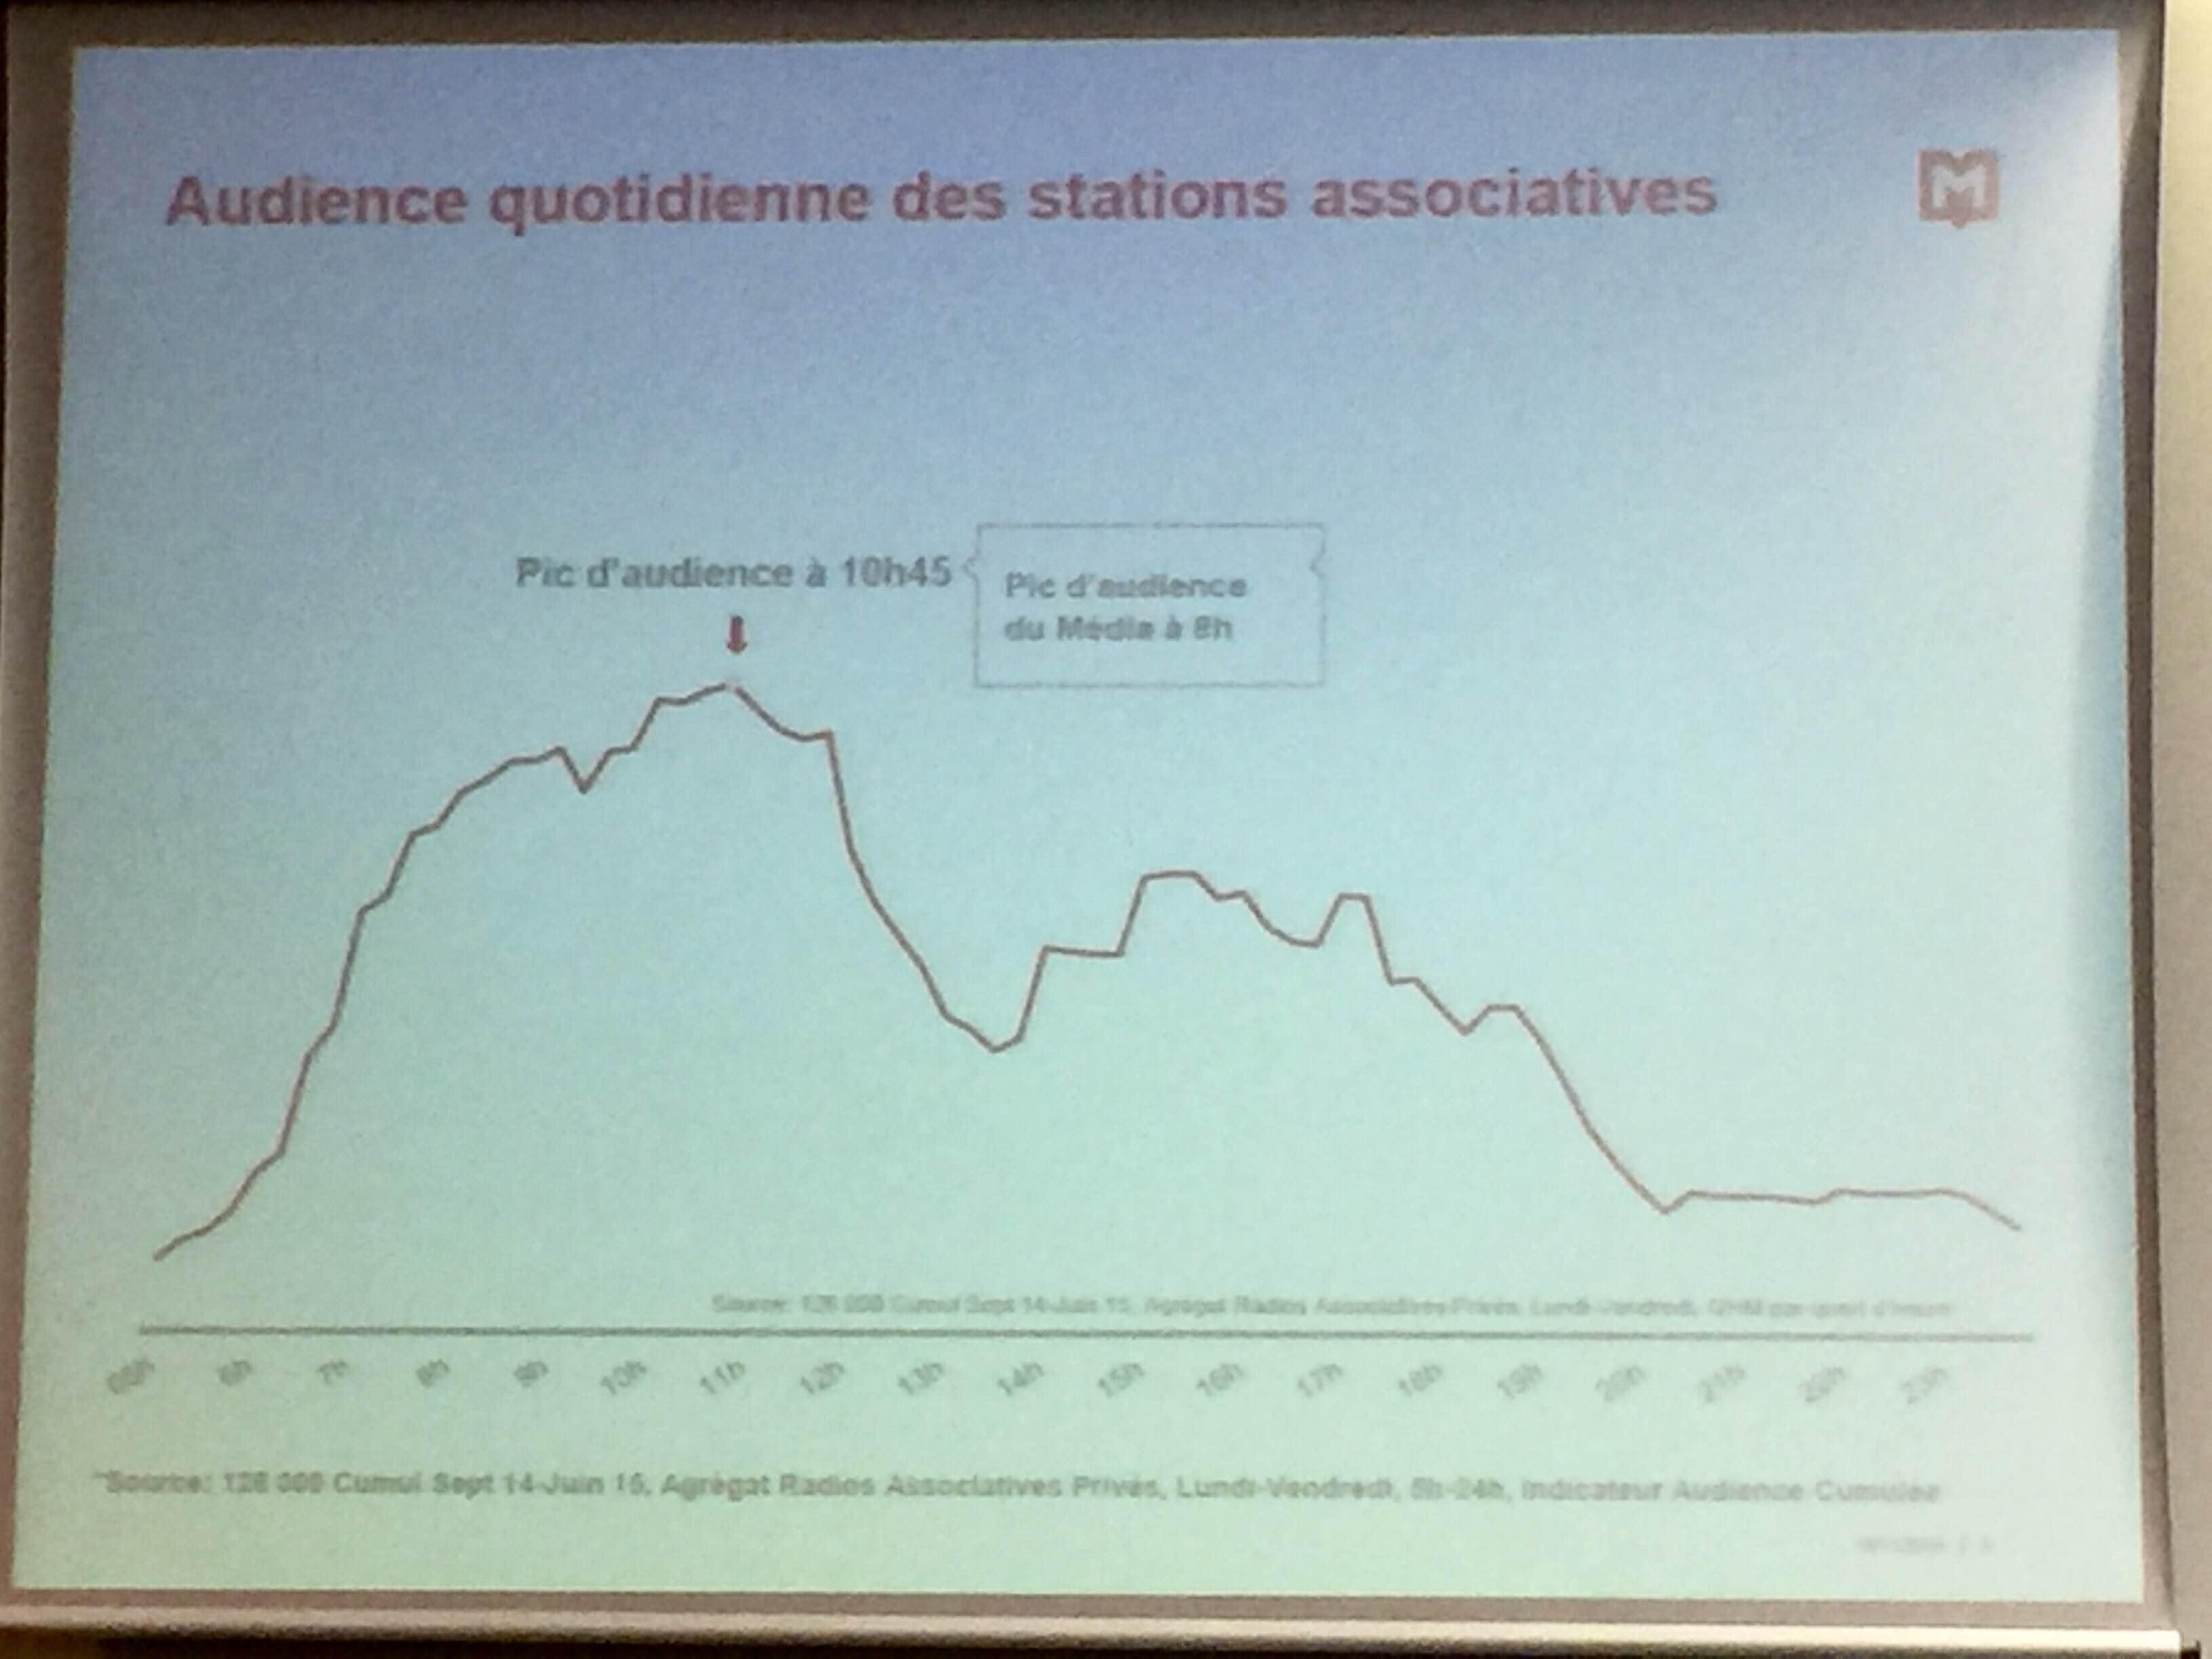 Les radios associatives se distinguent, aussi, par leur pic d'audience : le matin à 10h45 © Serge Surpin